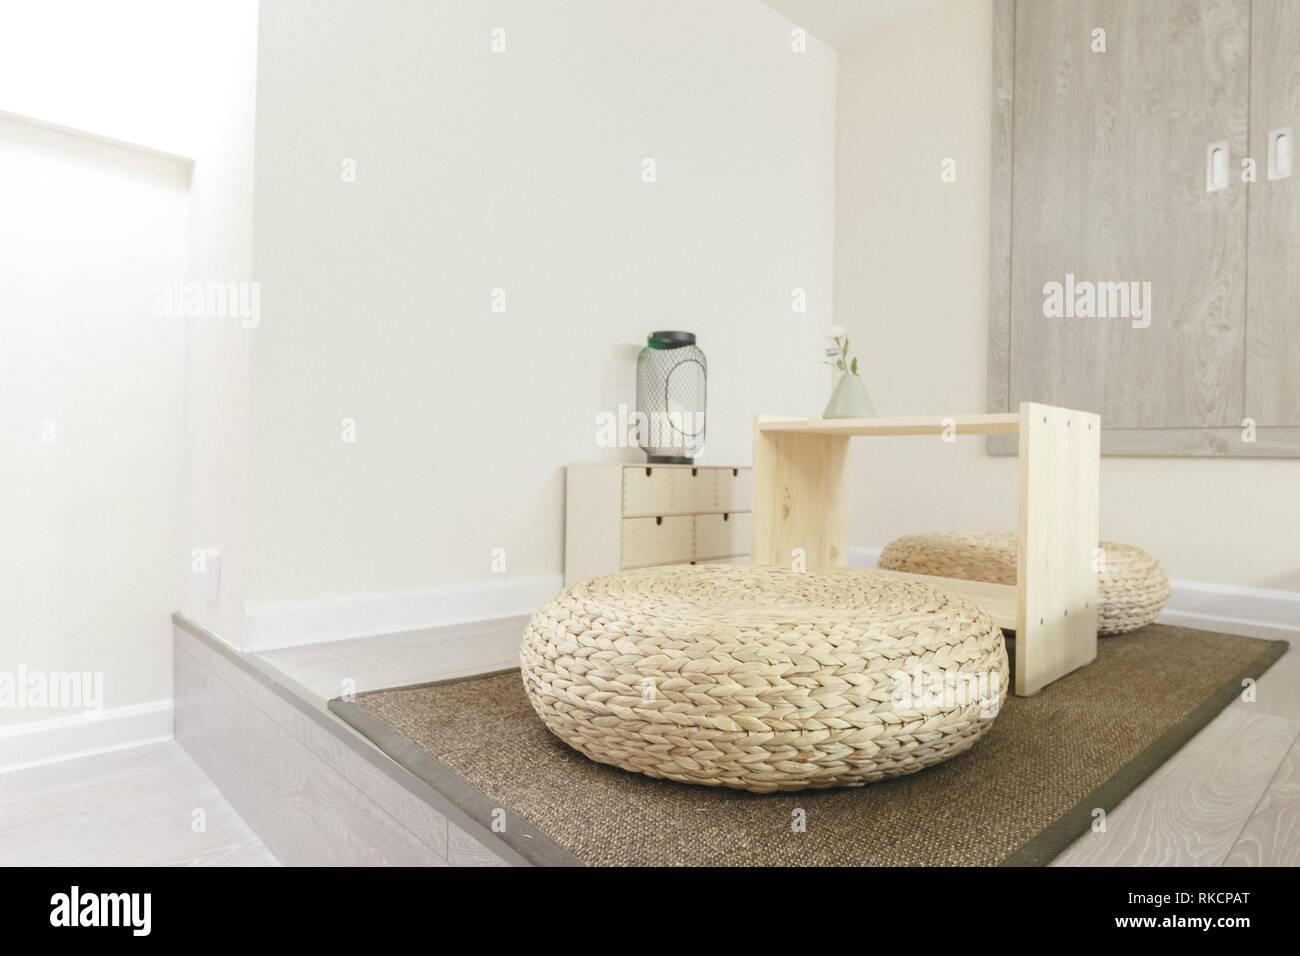 Assis sur le sol japonais Coussins Design Intérieur contemporain ...